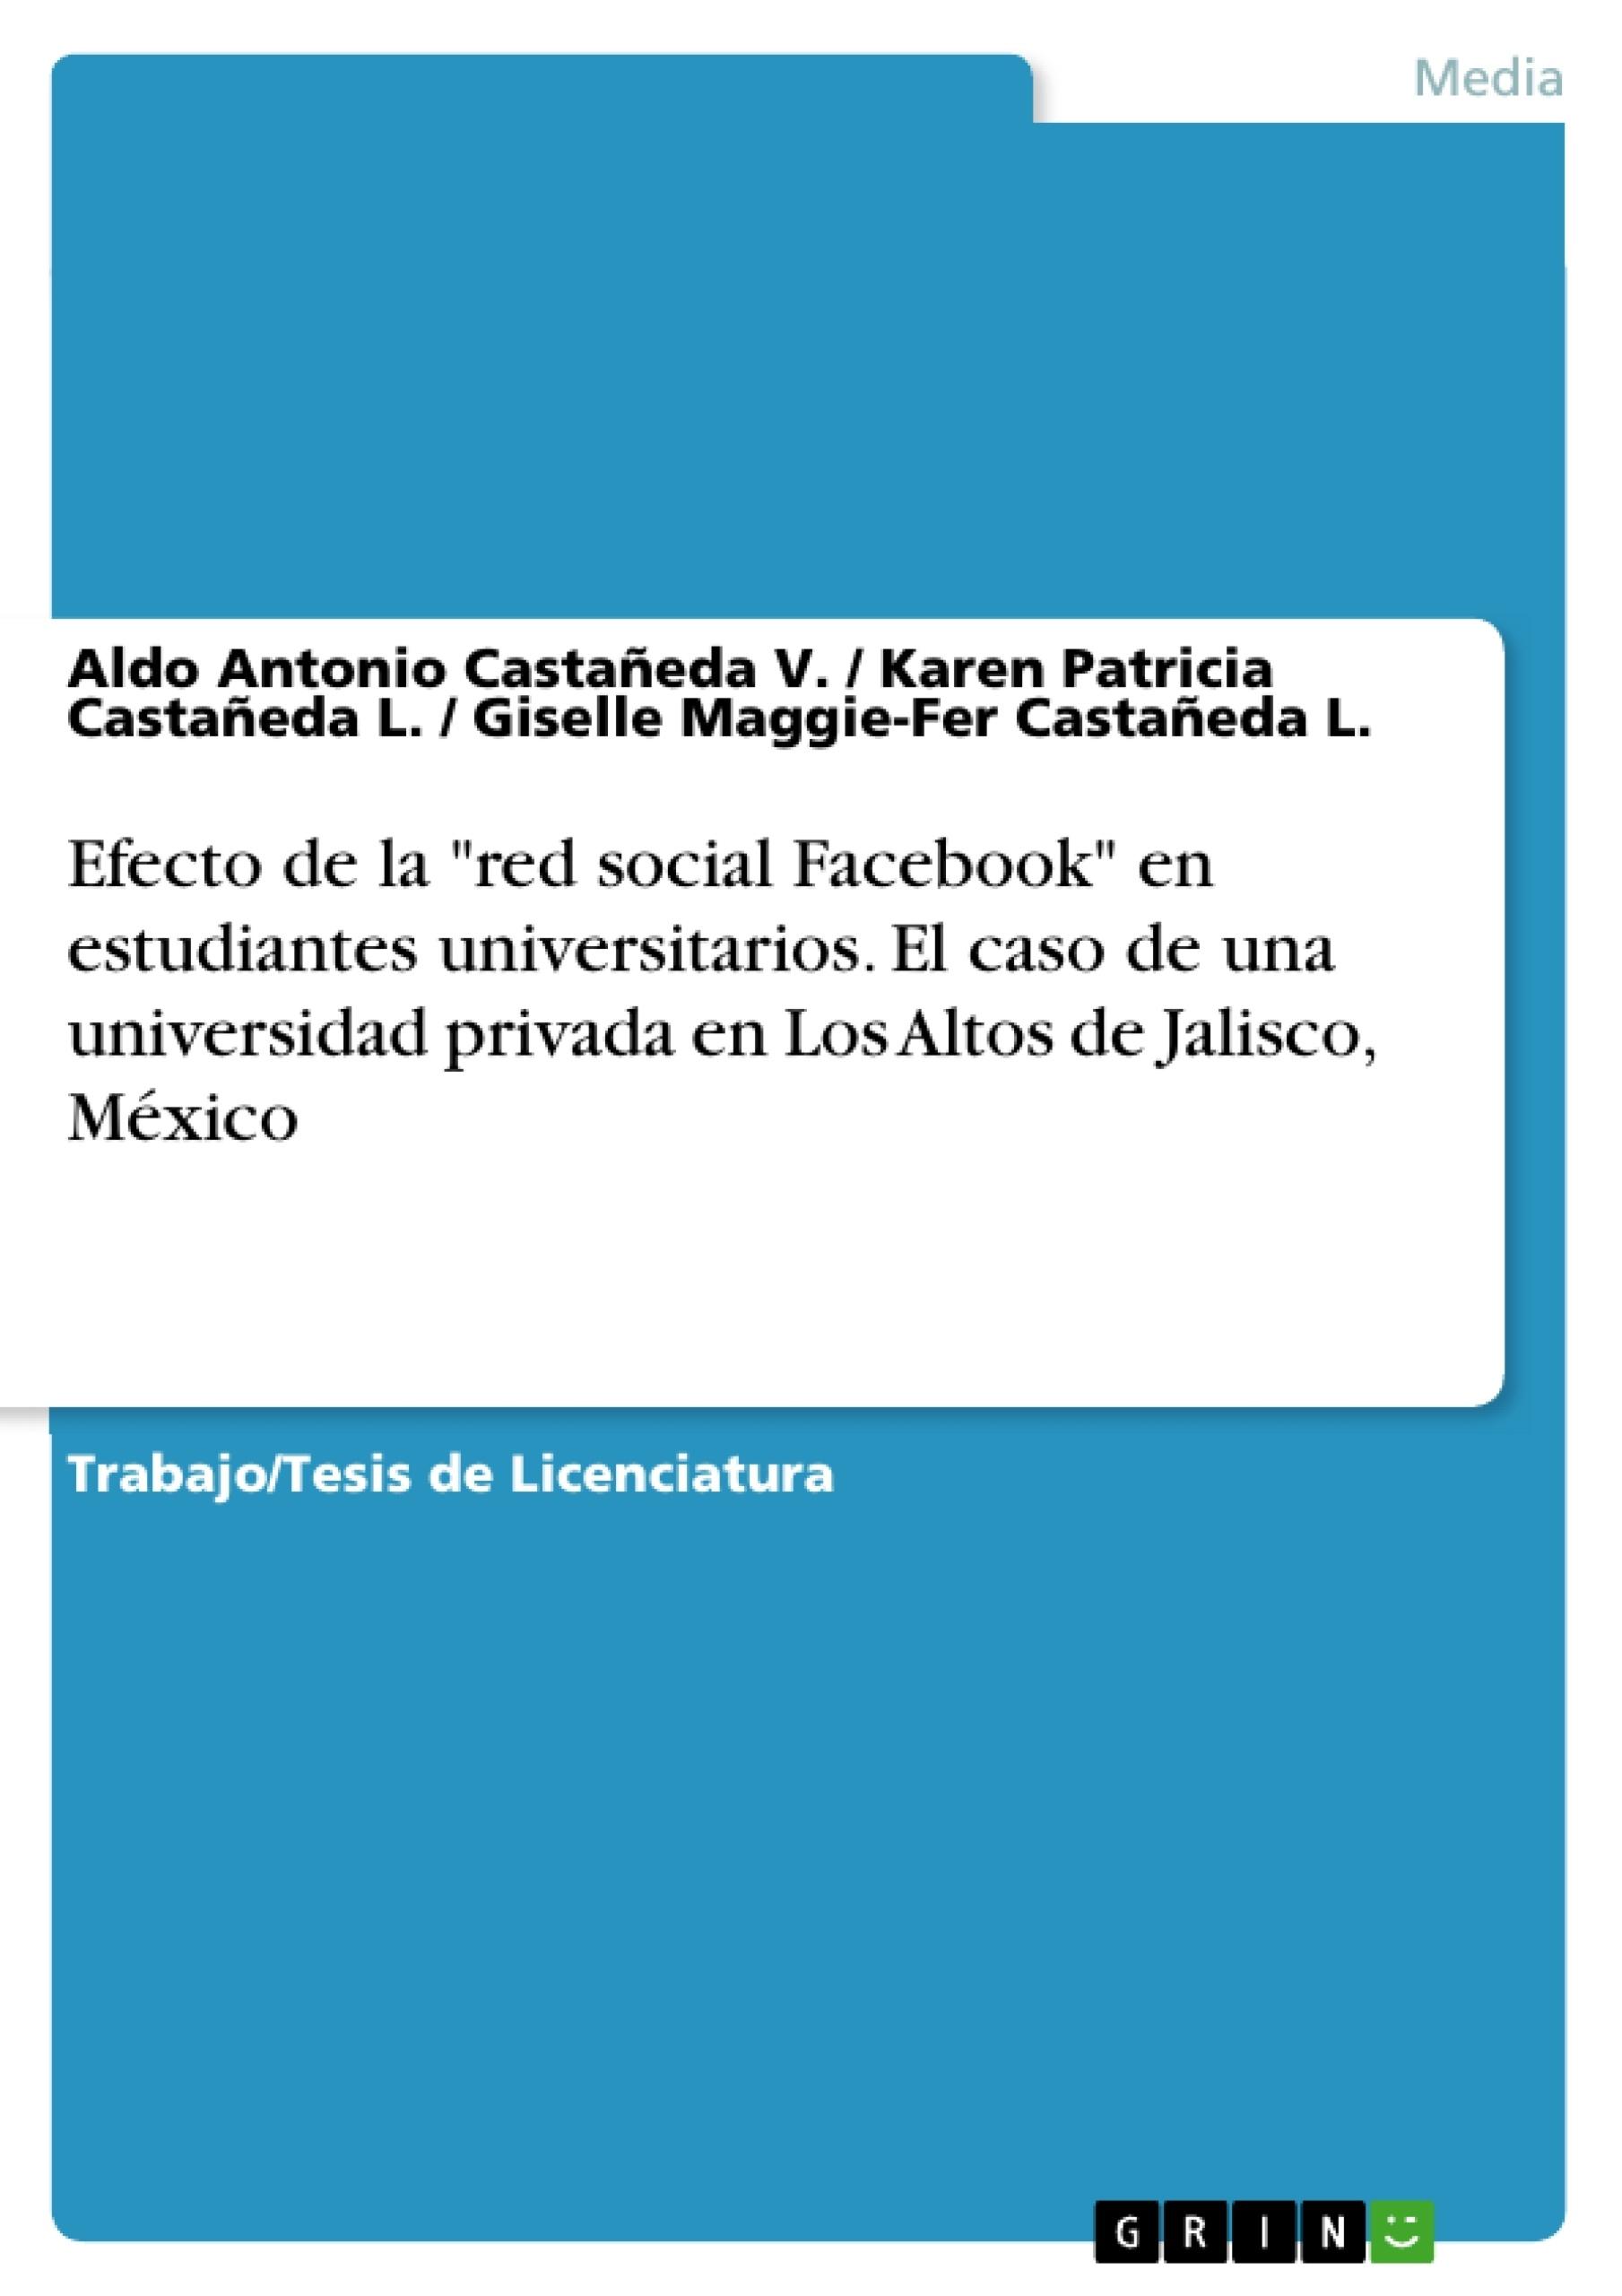 """Título: Efecto de la """"red social Facebook"""" en estudiantes universitarios. El caso de una universidad privada en Los Altos de Jalisco, México"""